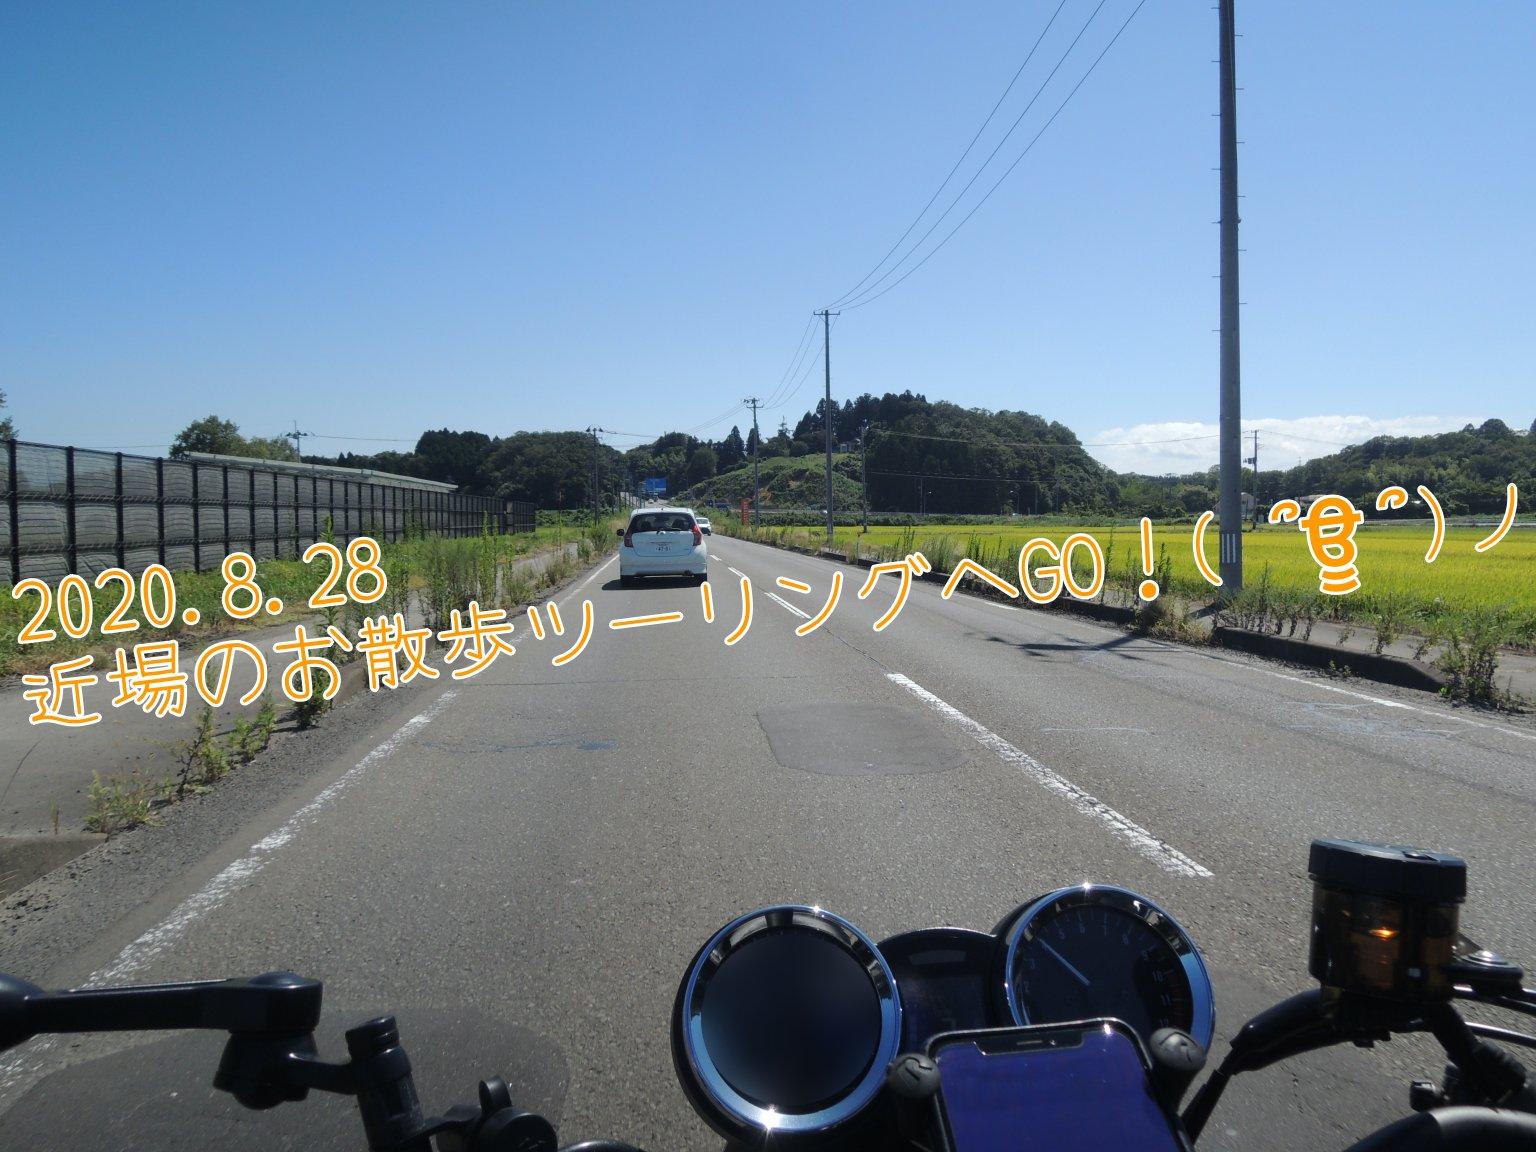 200828_2.jpg